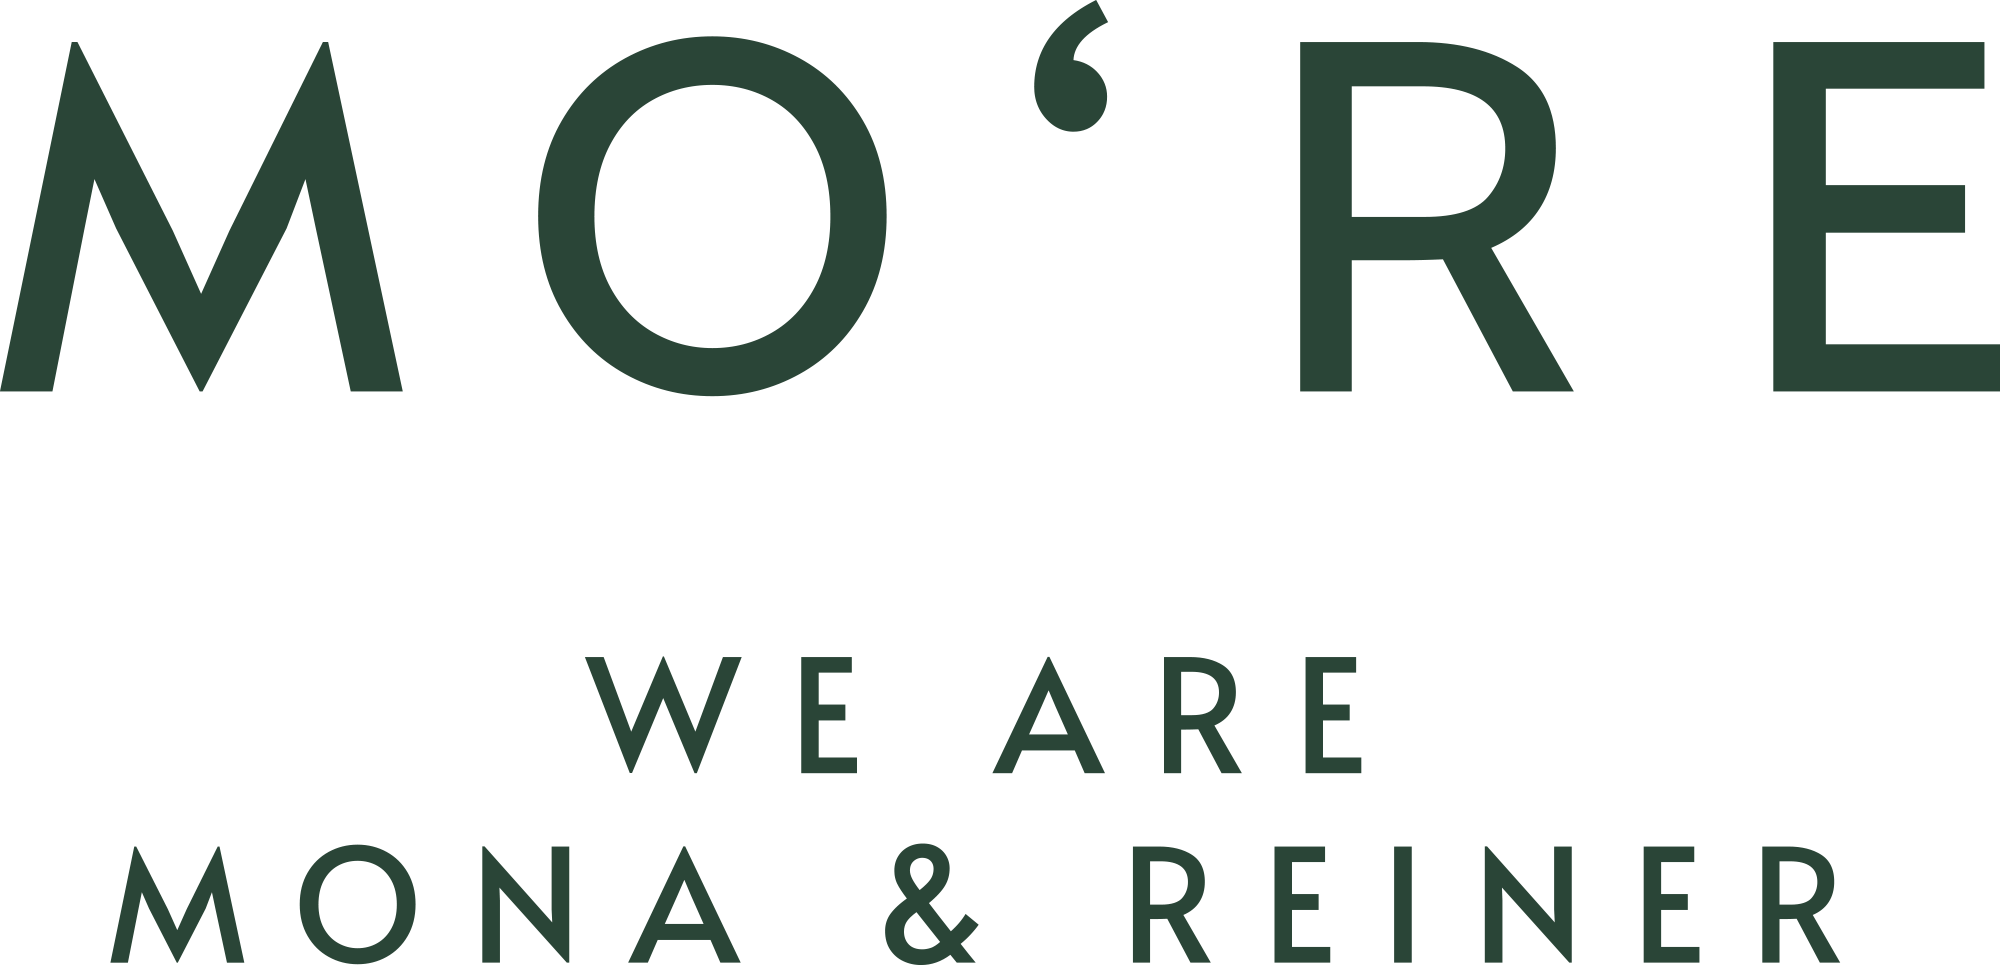 Mona und Reiner online Logo